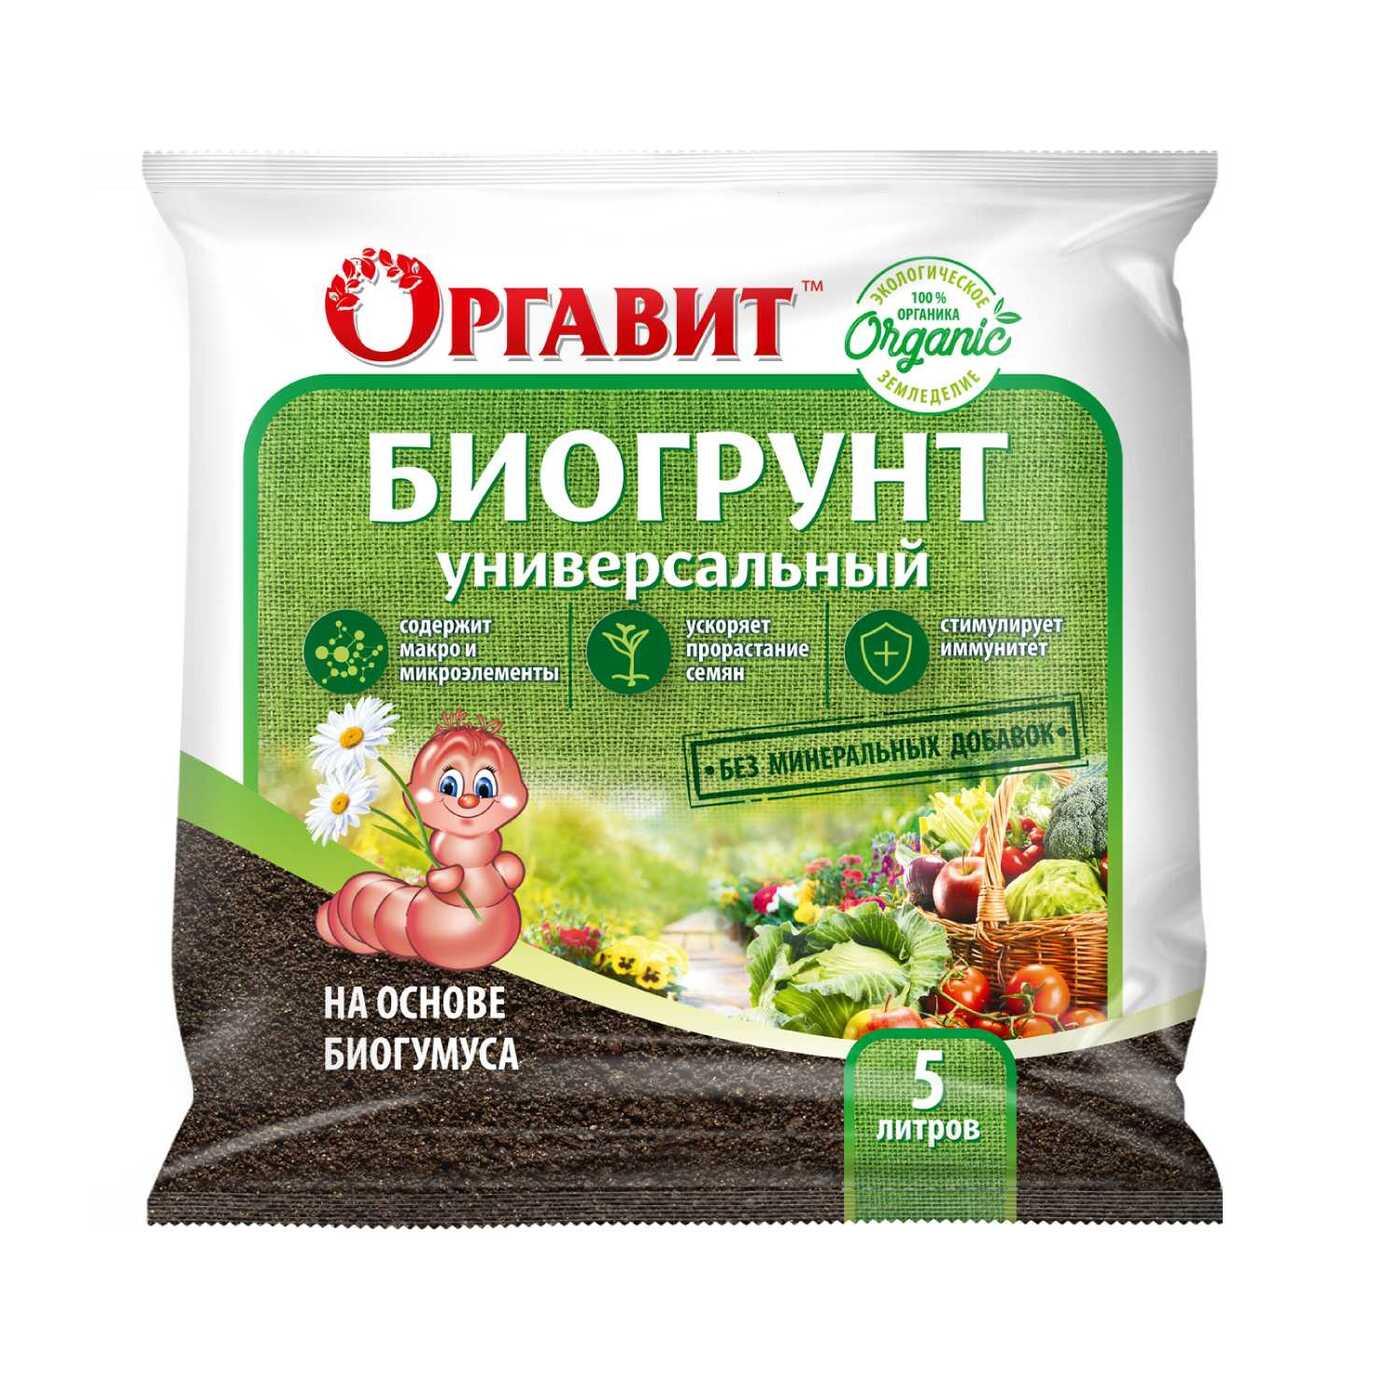 Узнайте больше о вермикомпосте или биогумусе, его полезных свойствах, методах приготовления и применения в домашних условиях